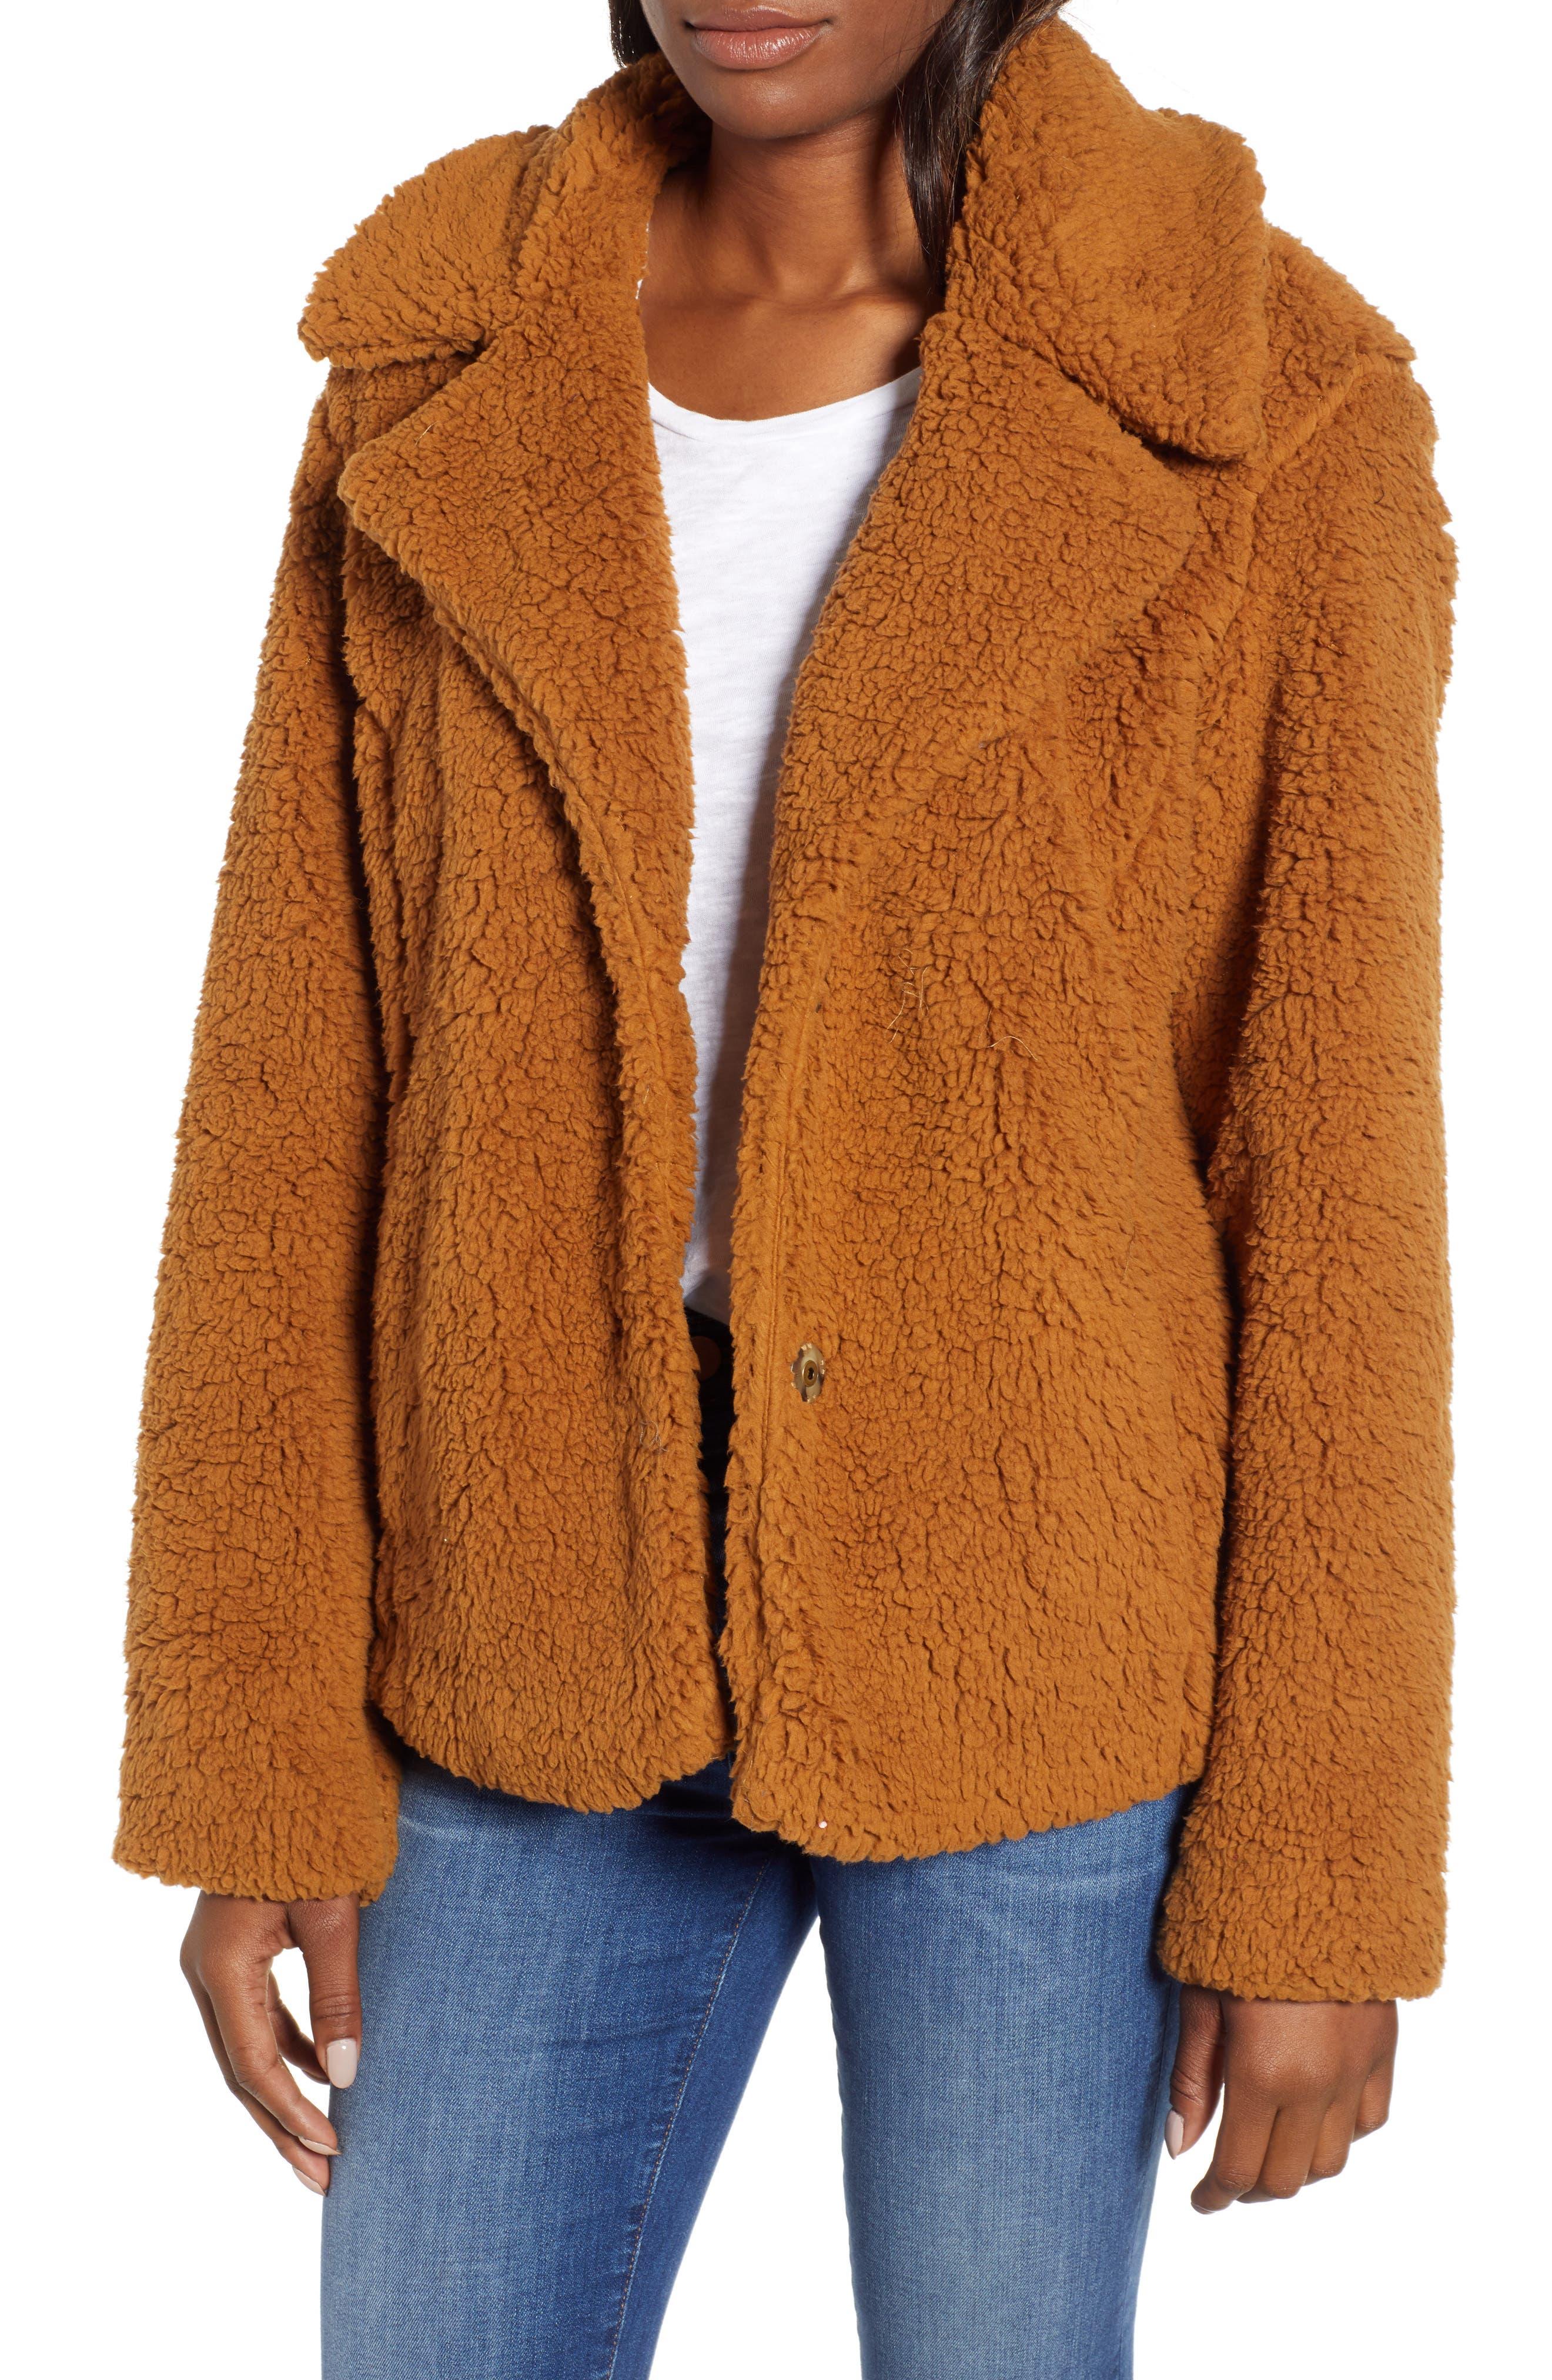 Faux Shearling Jacket,                             Main thumbnail 1, color,                             BROWN SADDLE